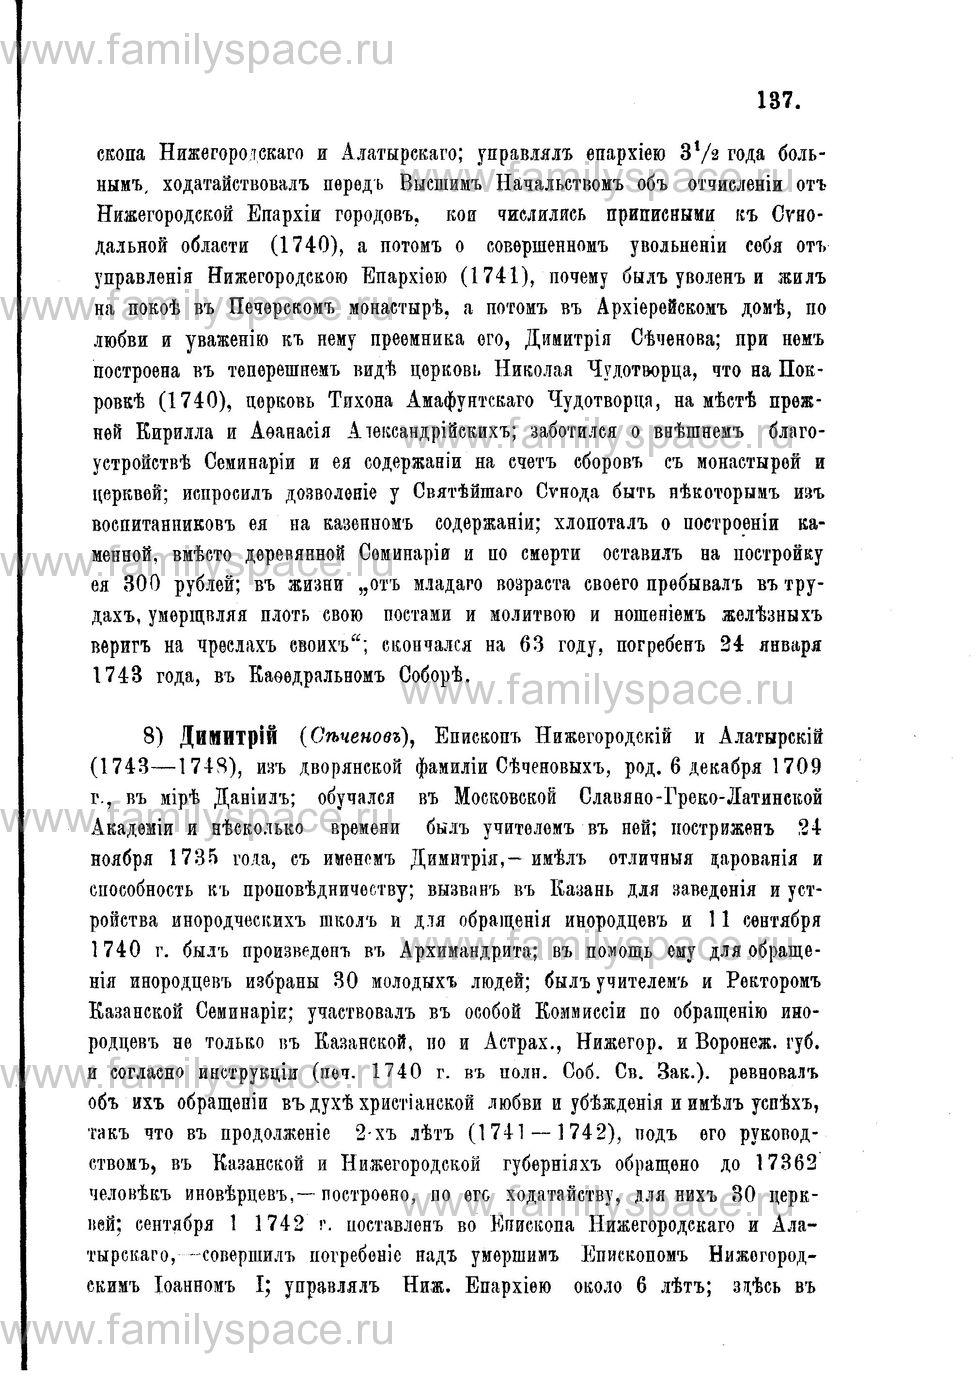 Поиск по фамилии - Адрес-календарь Нижегородской епархии на 1888 год, страница 1137